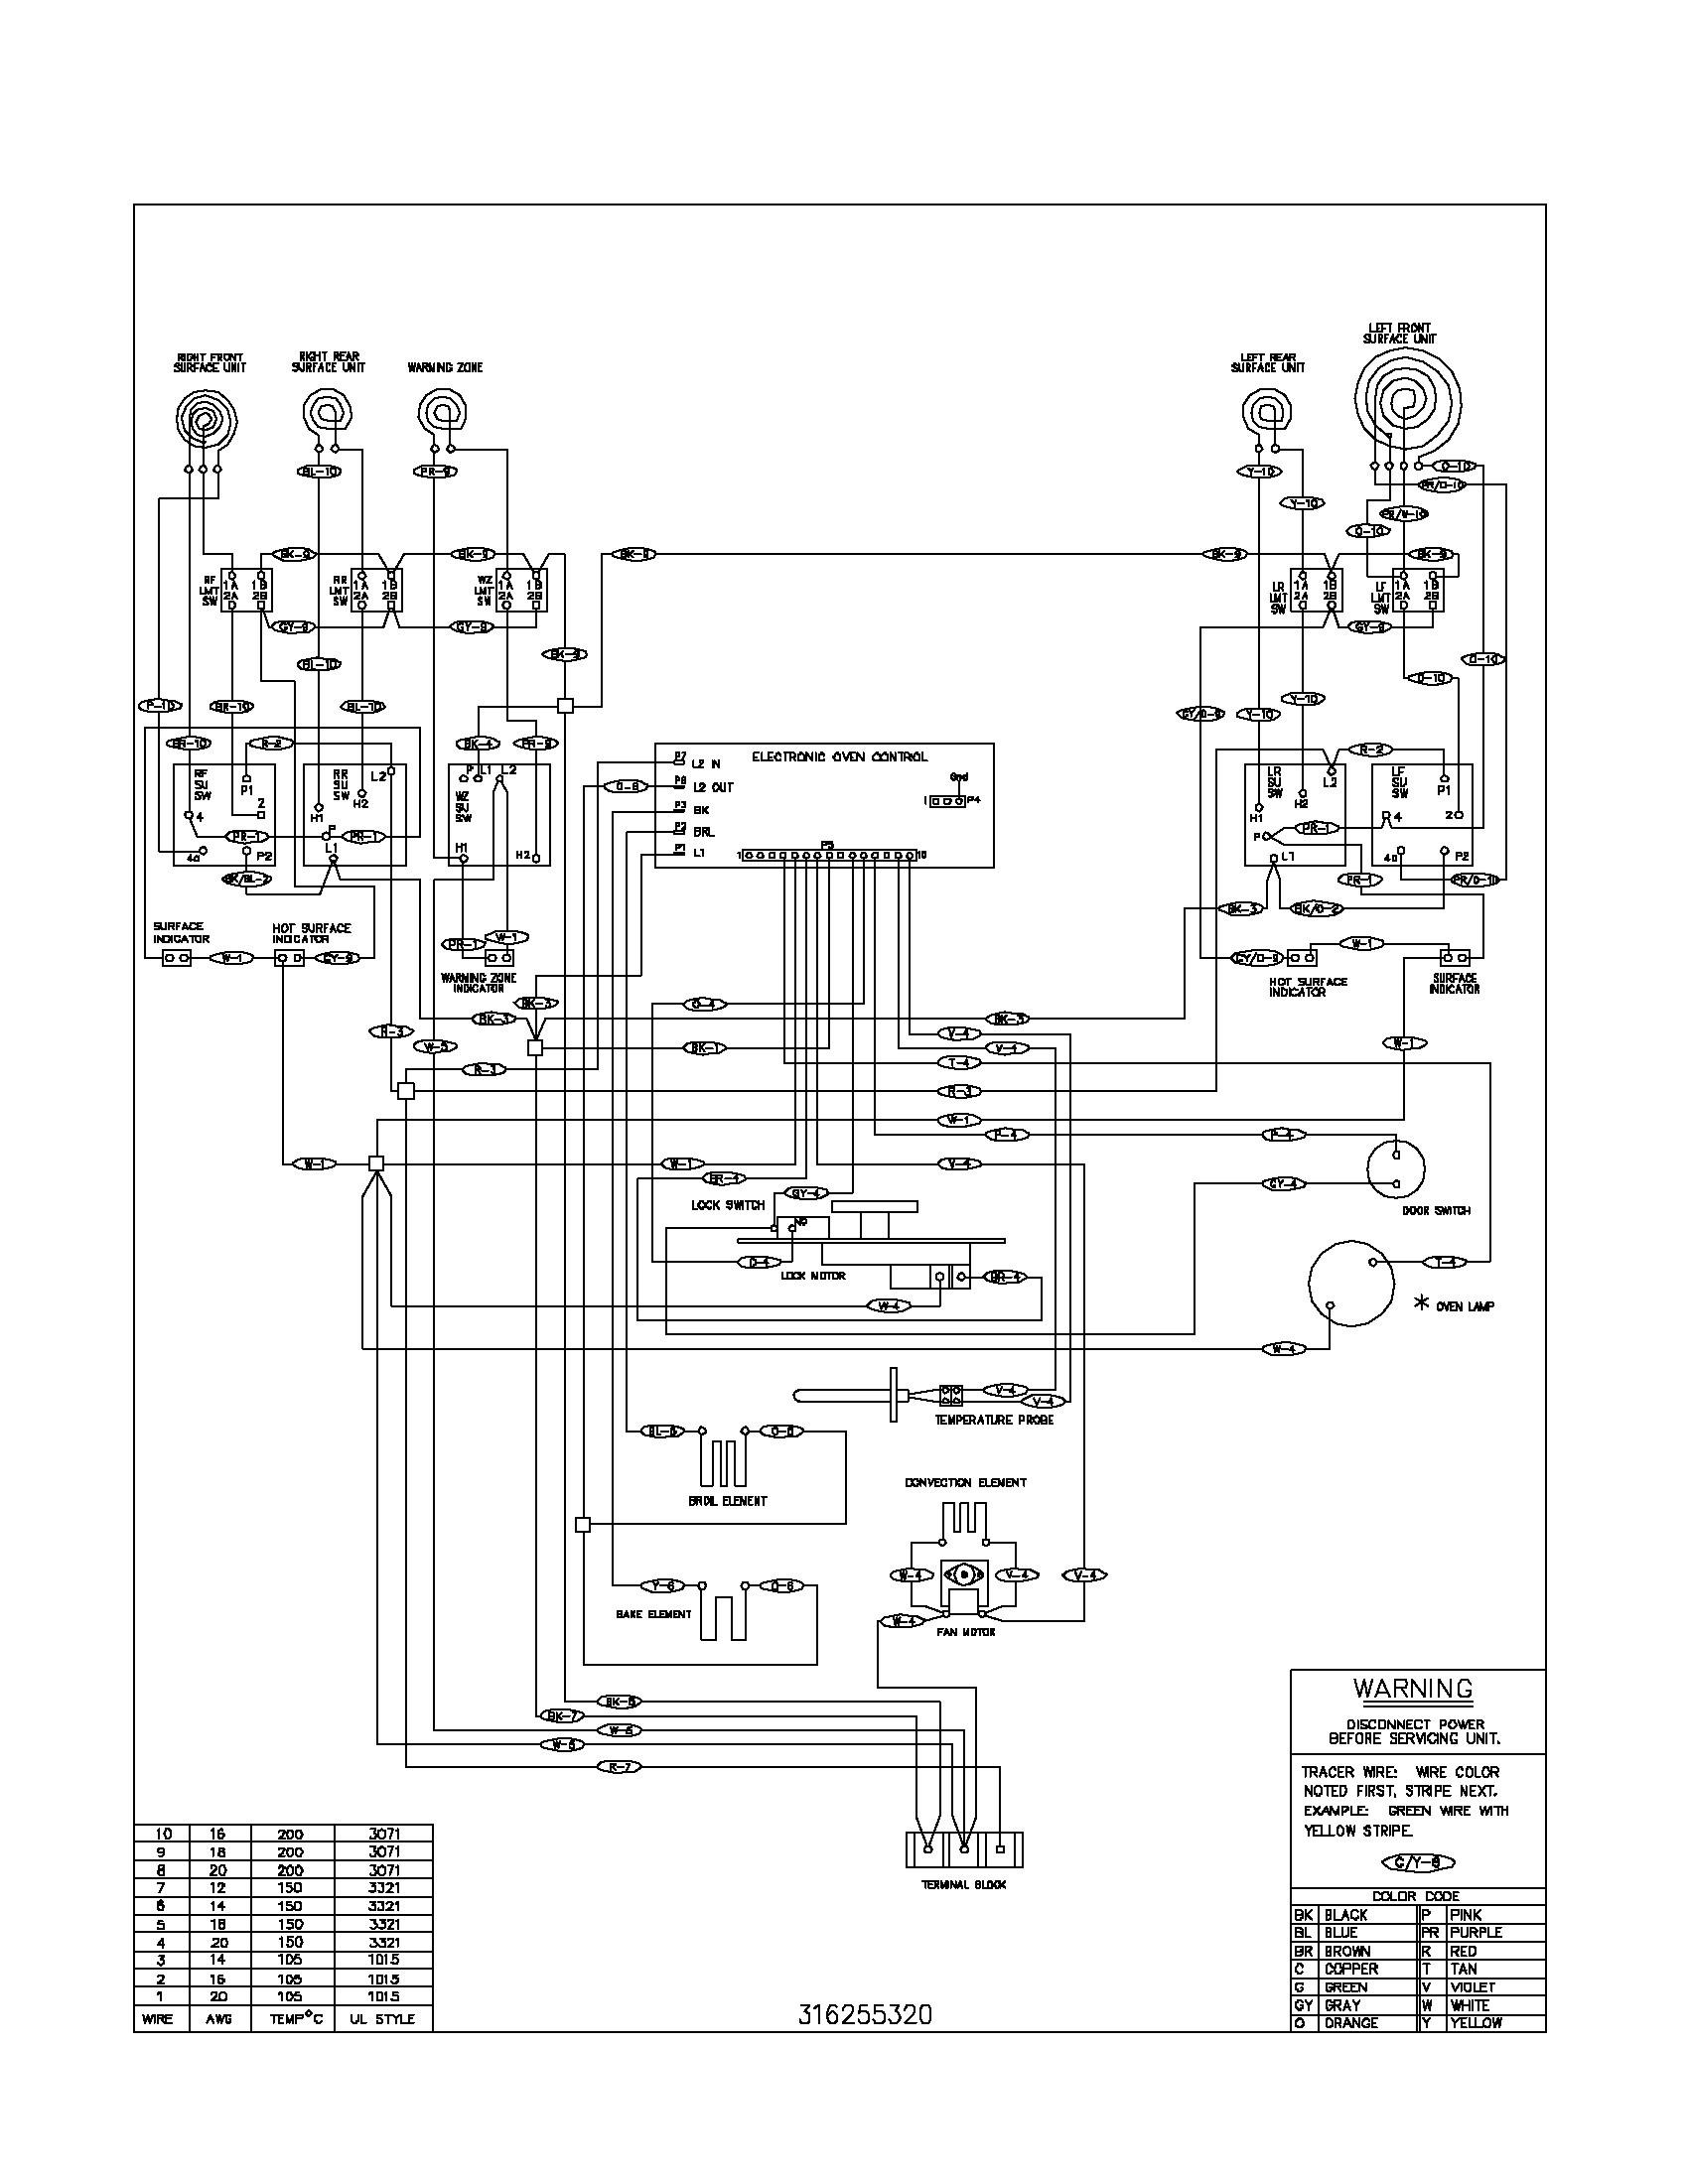 ge monogram oven wiring diagram wiring diagram local ge oven wiring diagram jgb915 wiring diagram ge monogram oven wiring diagram